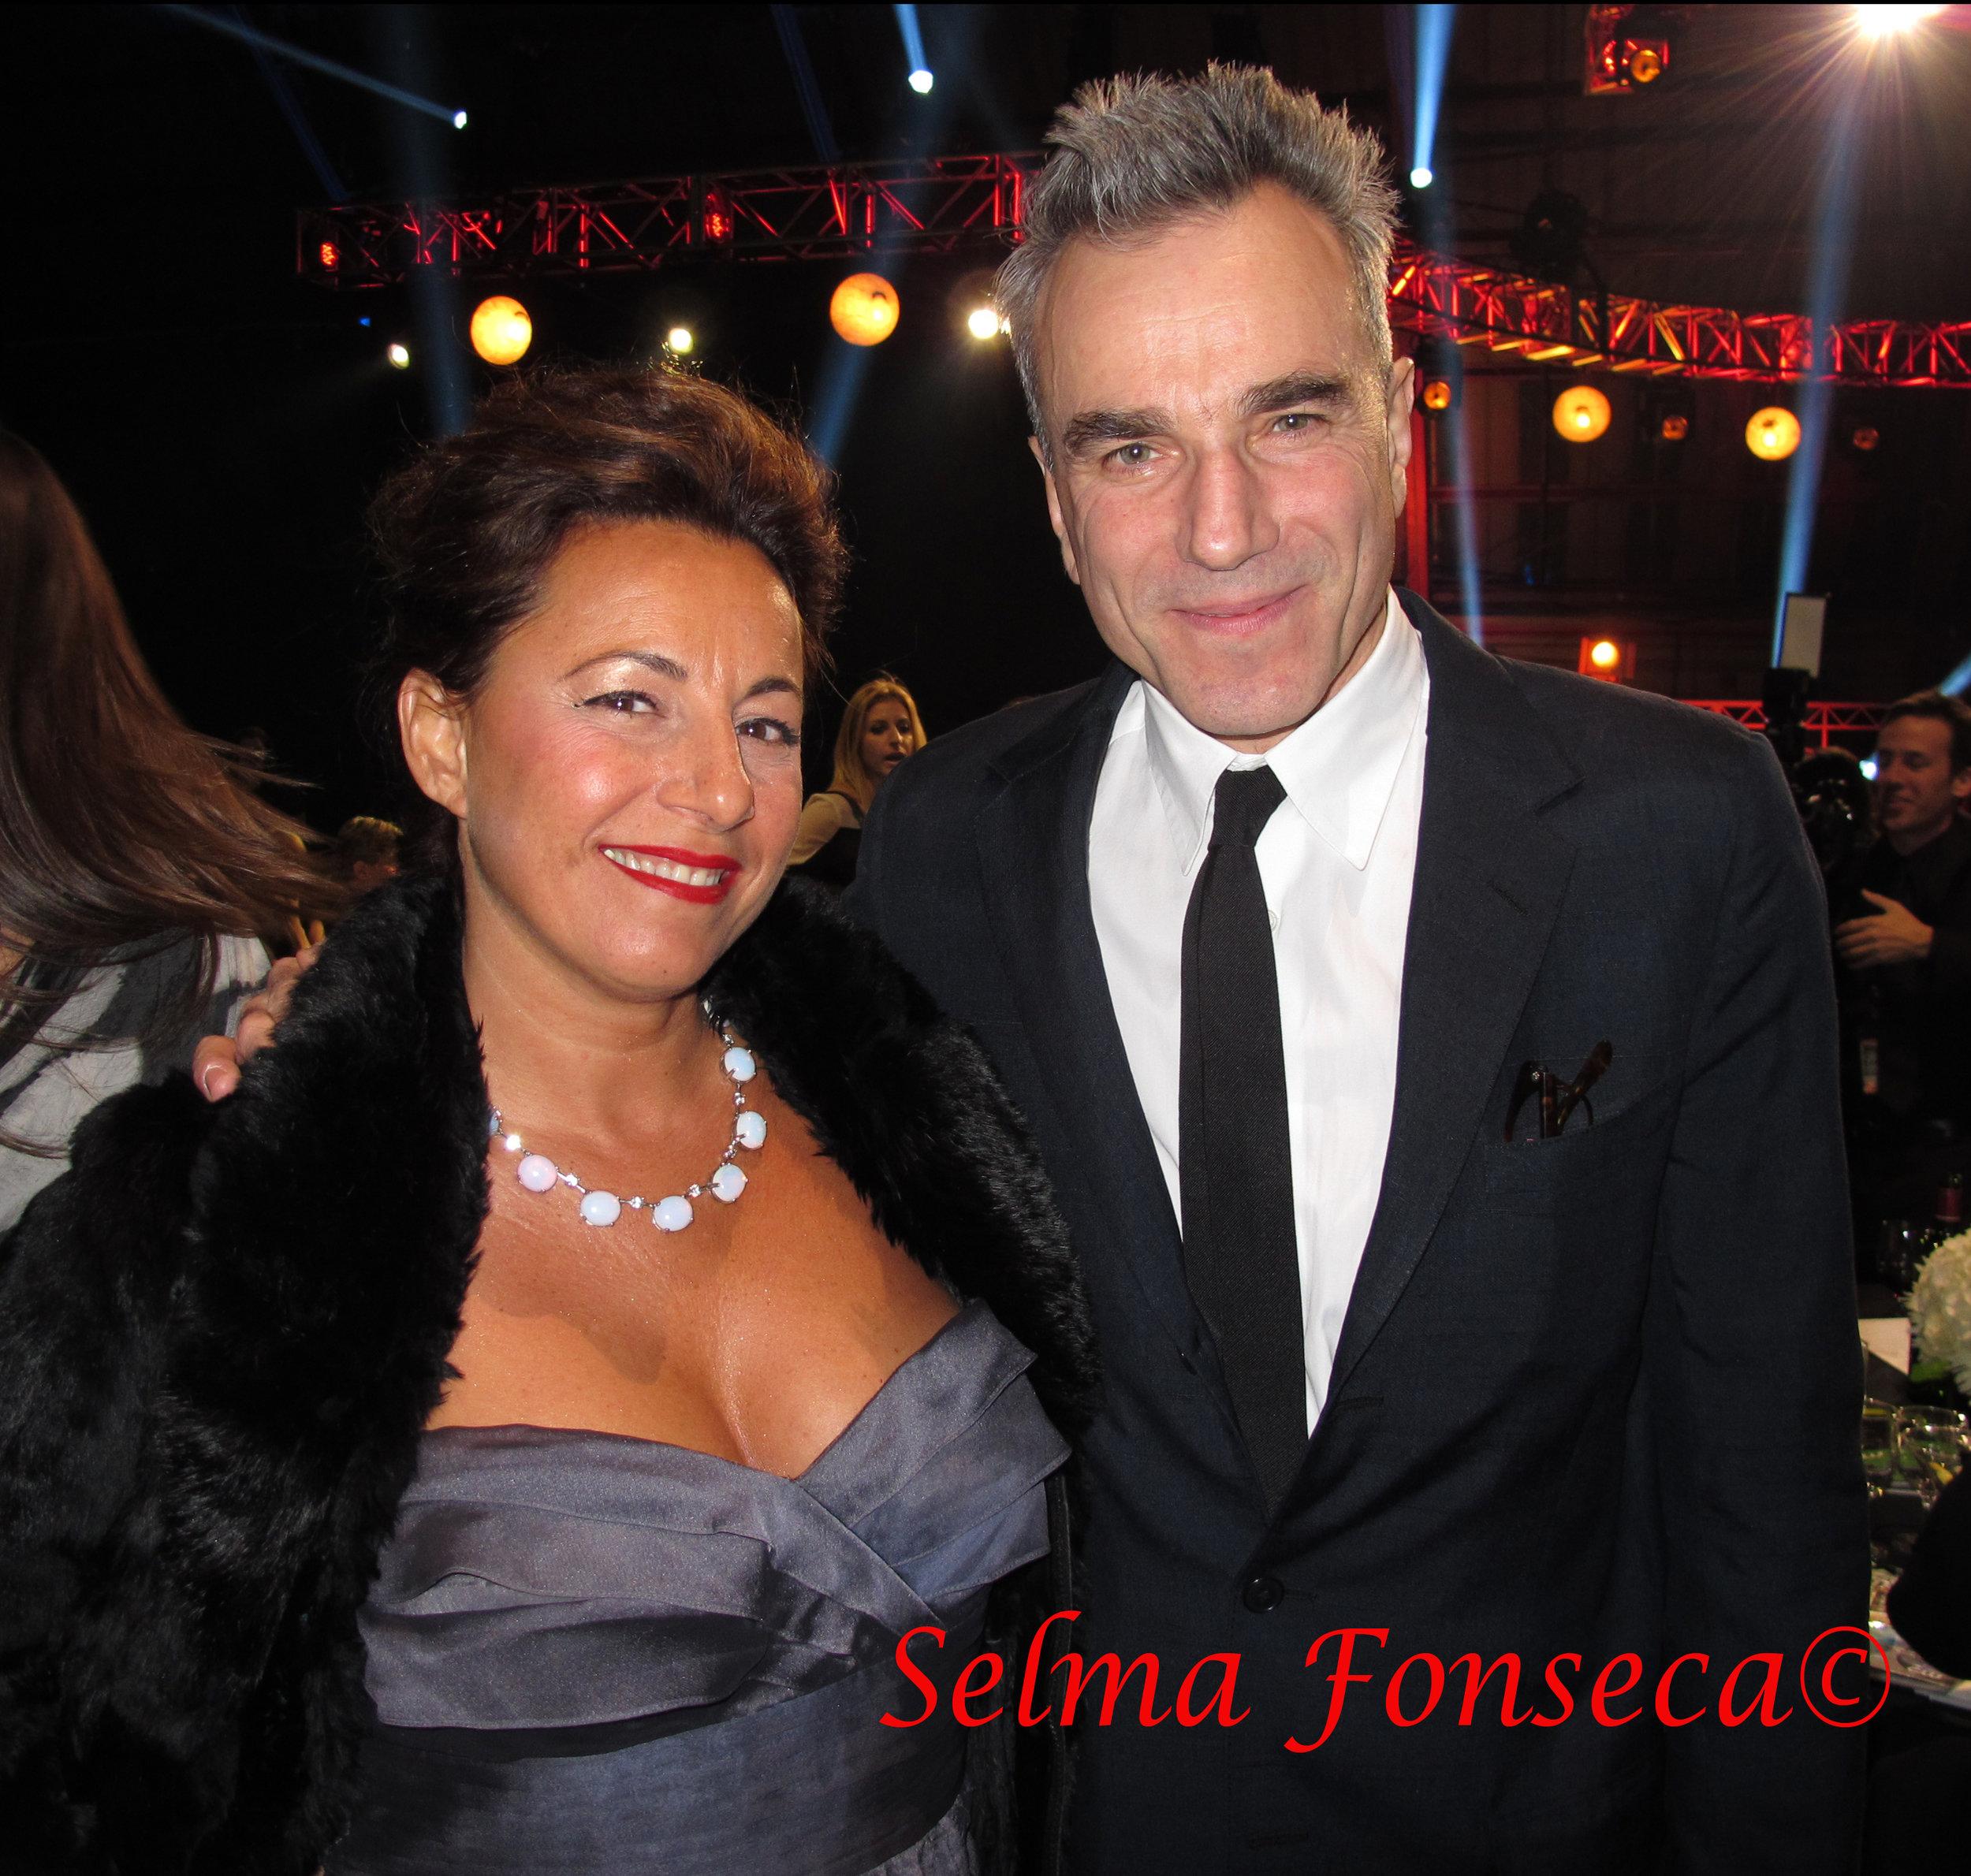 Daniel Day Lewis_Selma Fonseca.jpg